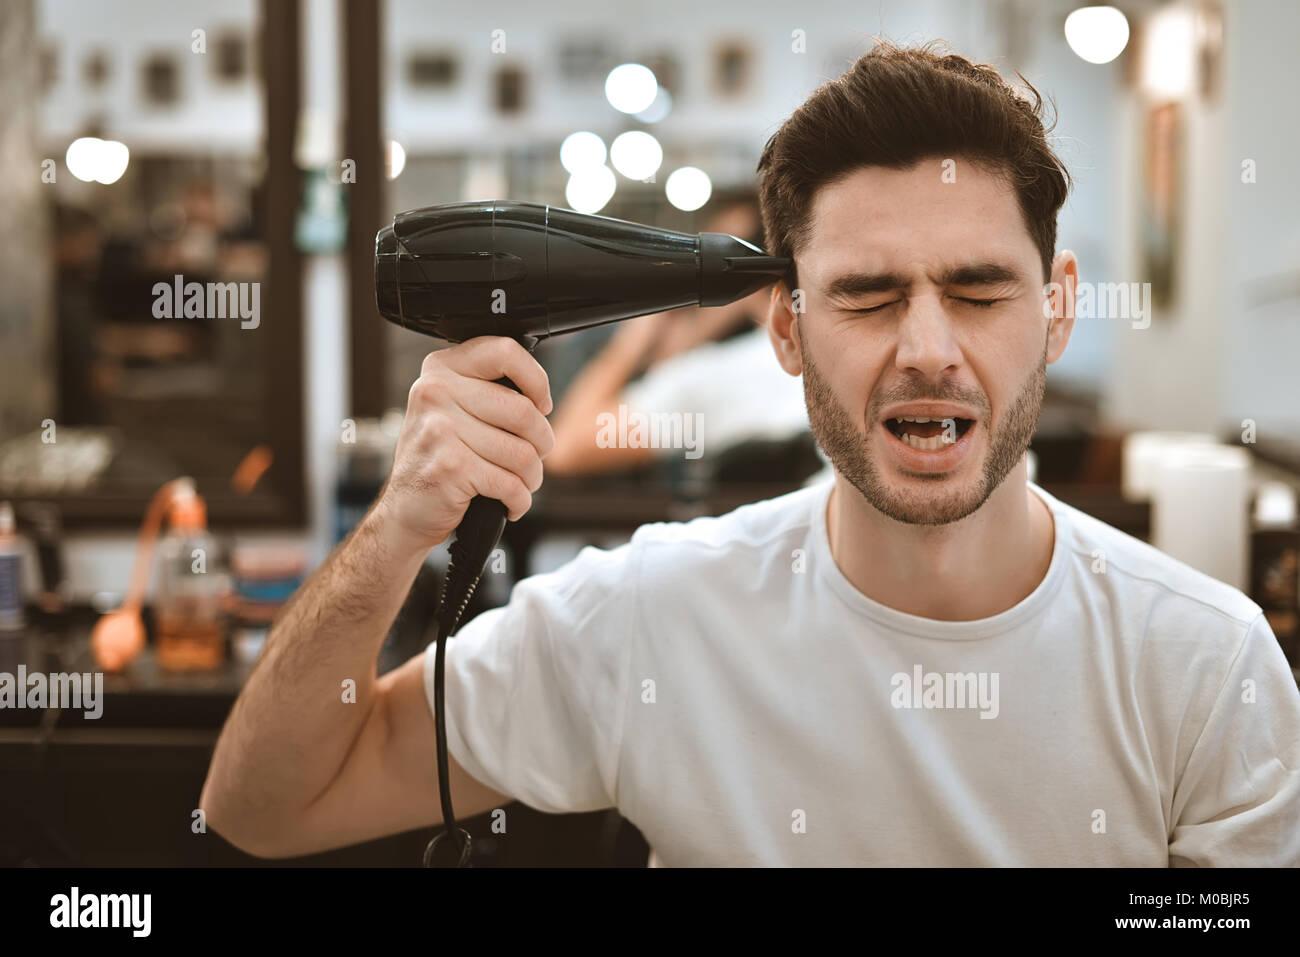 Loco joven hombre elegante con secador de pelo y graciosas expresiones en la barbería. Imagen De Stock